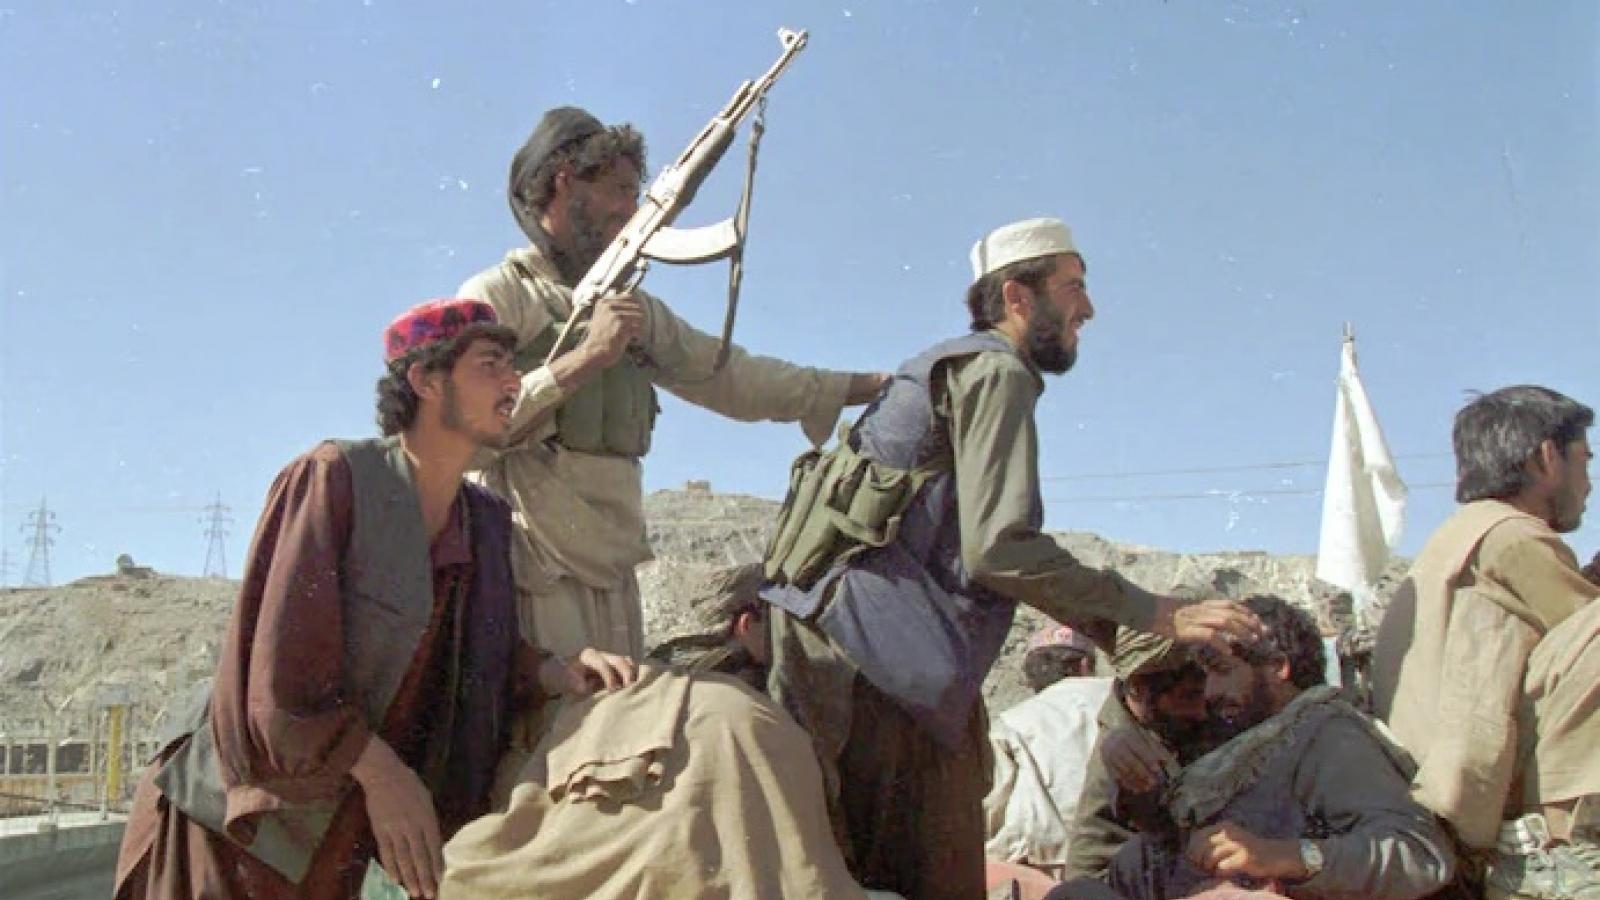 Năm 1996, Taliban cũng từng hứa hẹn hòa bình, ân xá và không trả thù ở Afghanistan